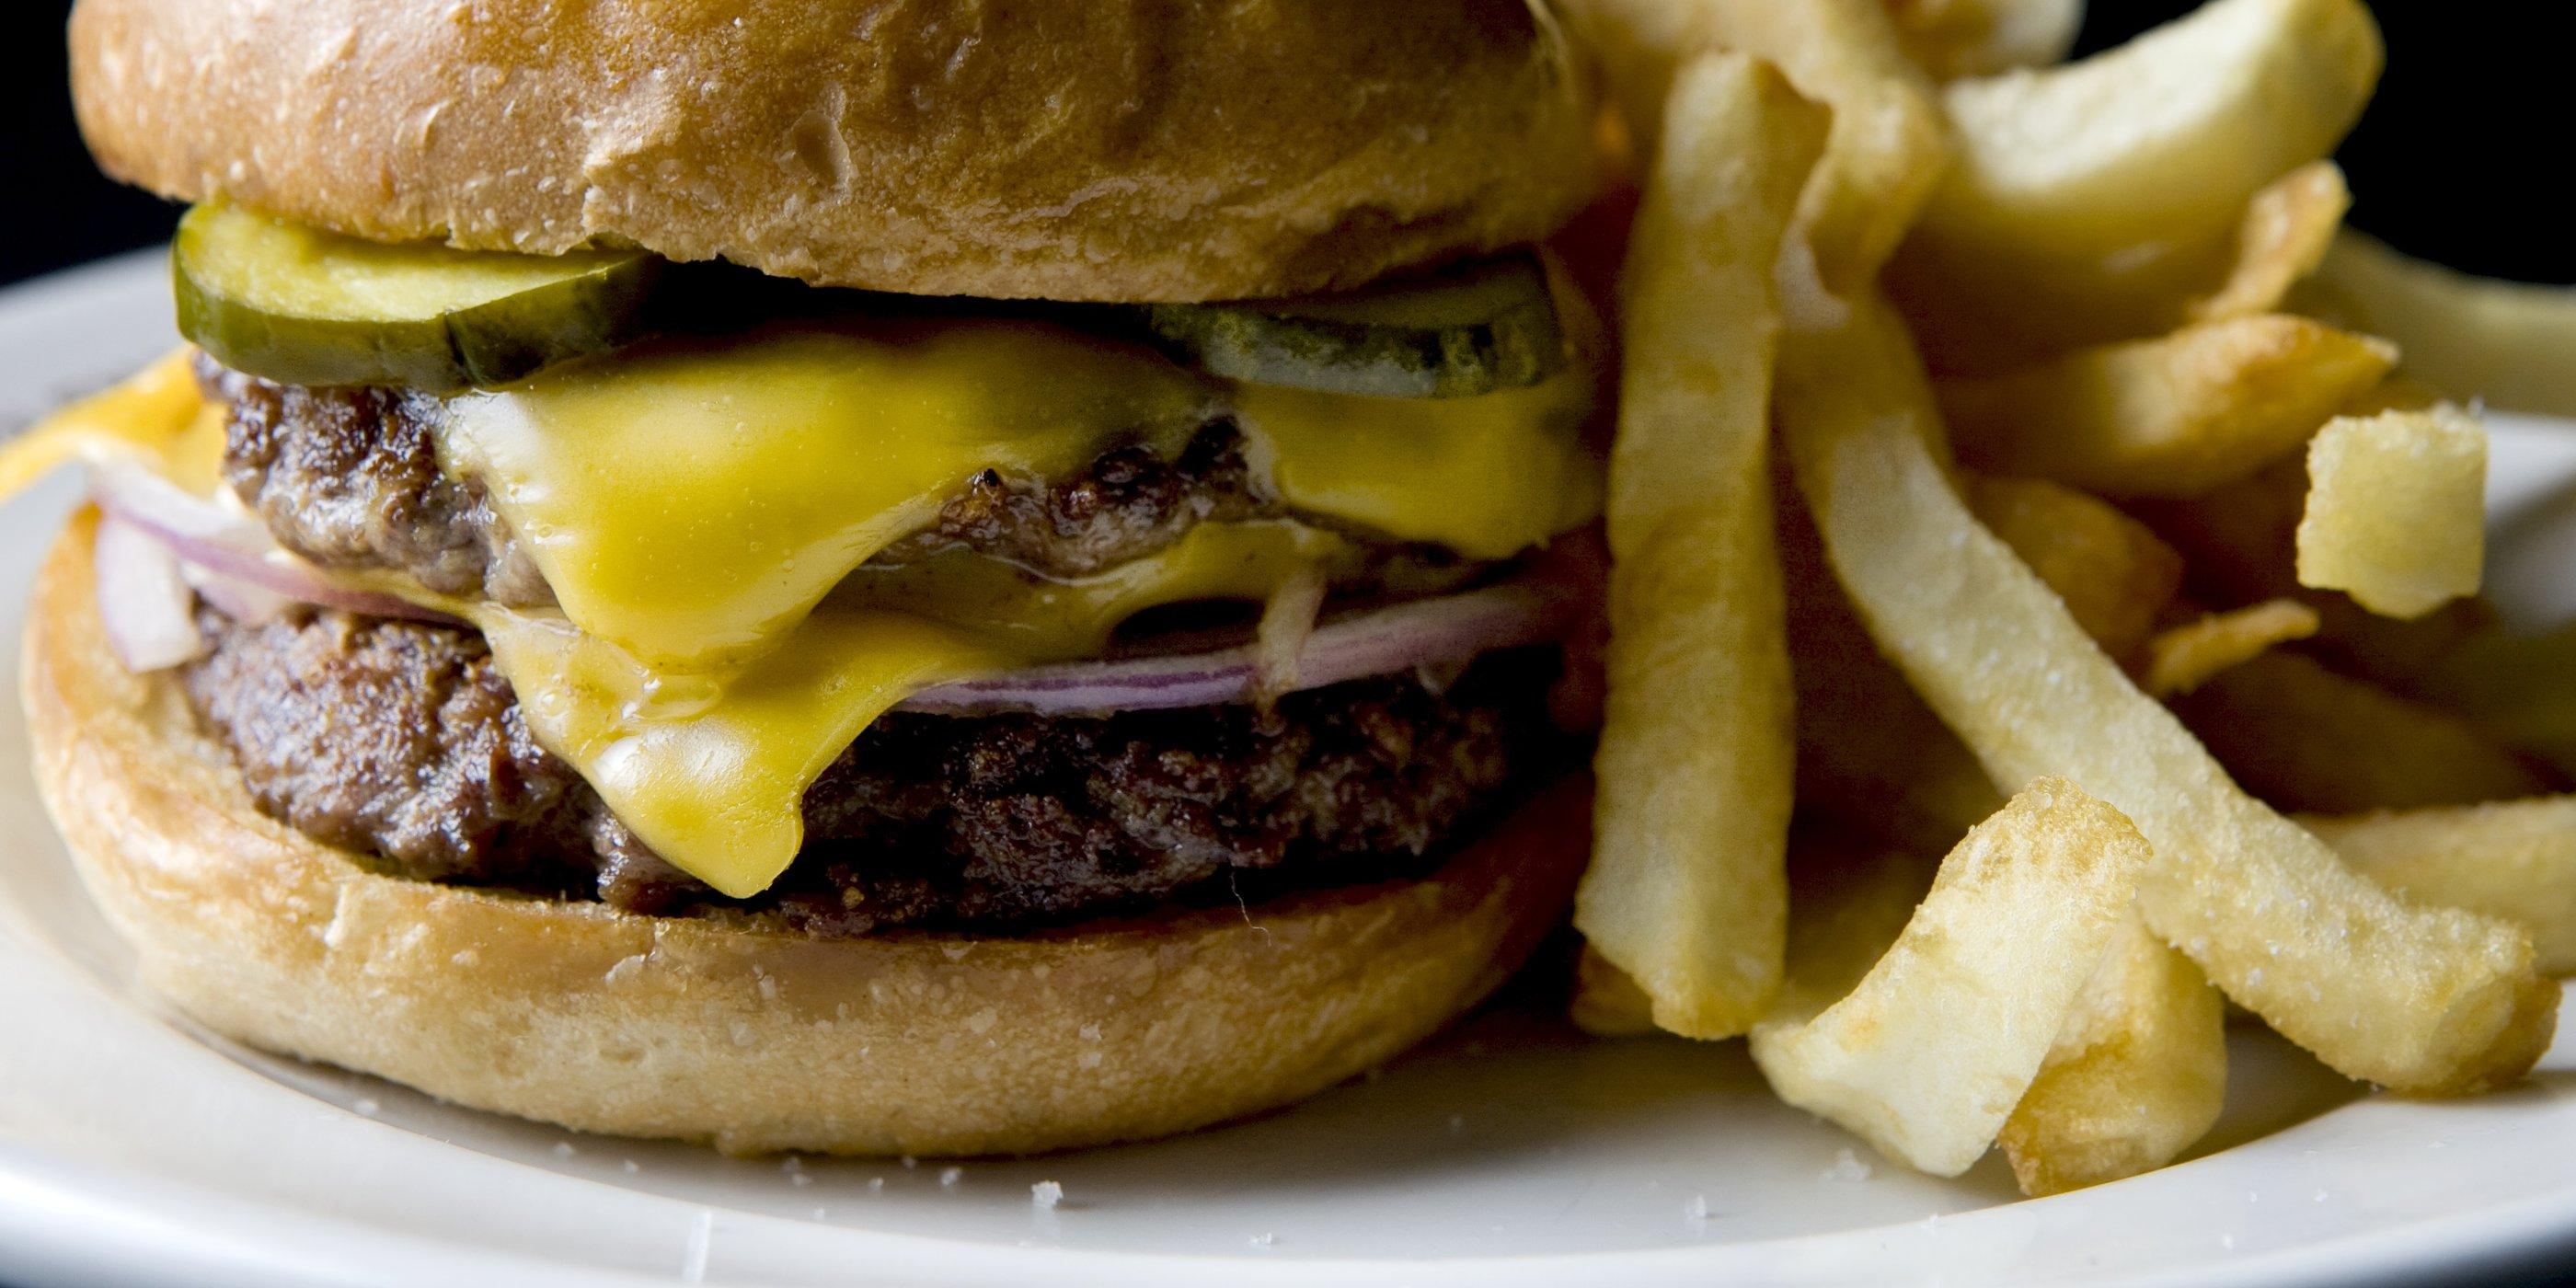 holeman & finch burger